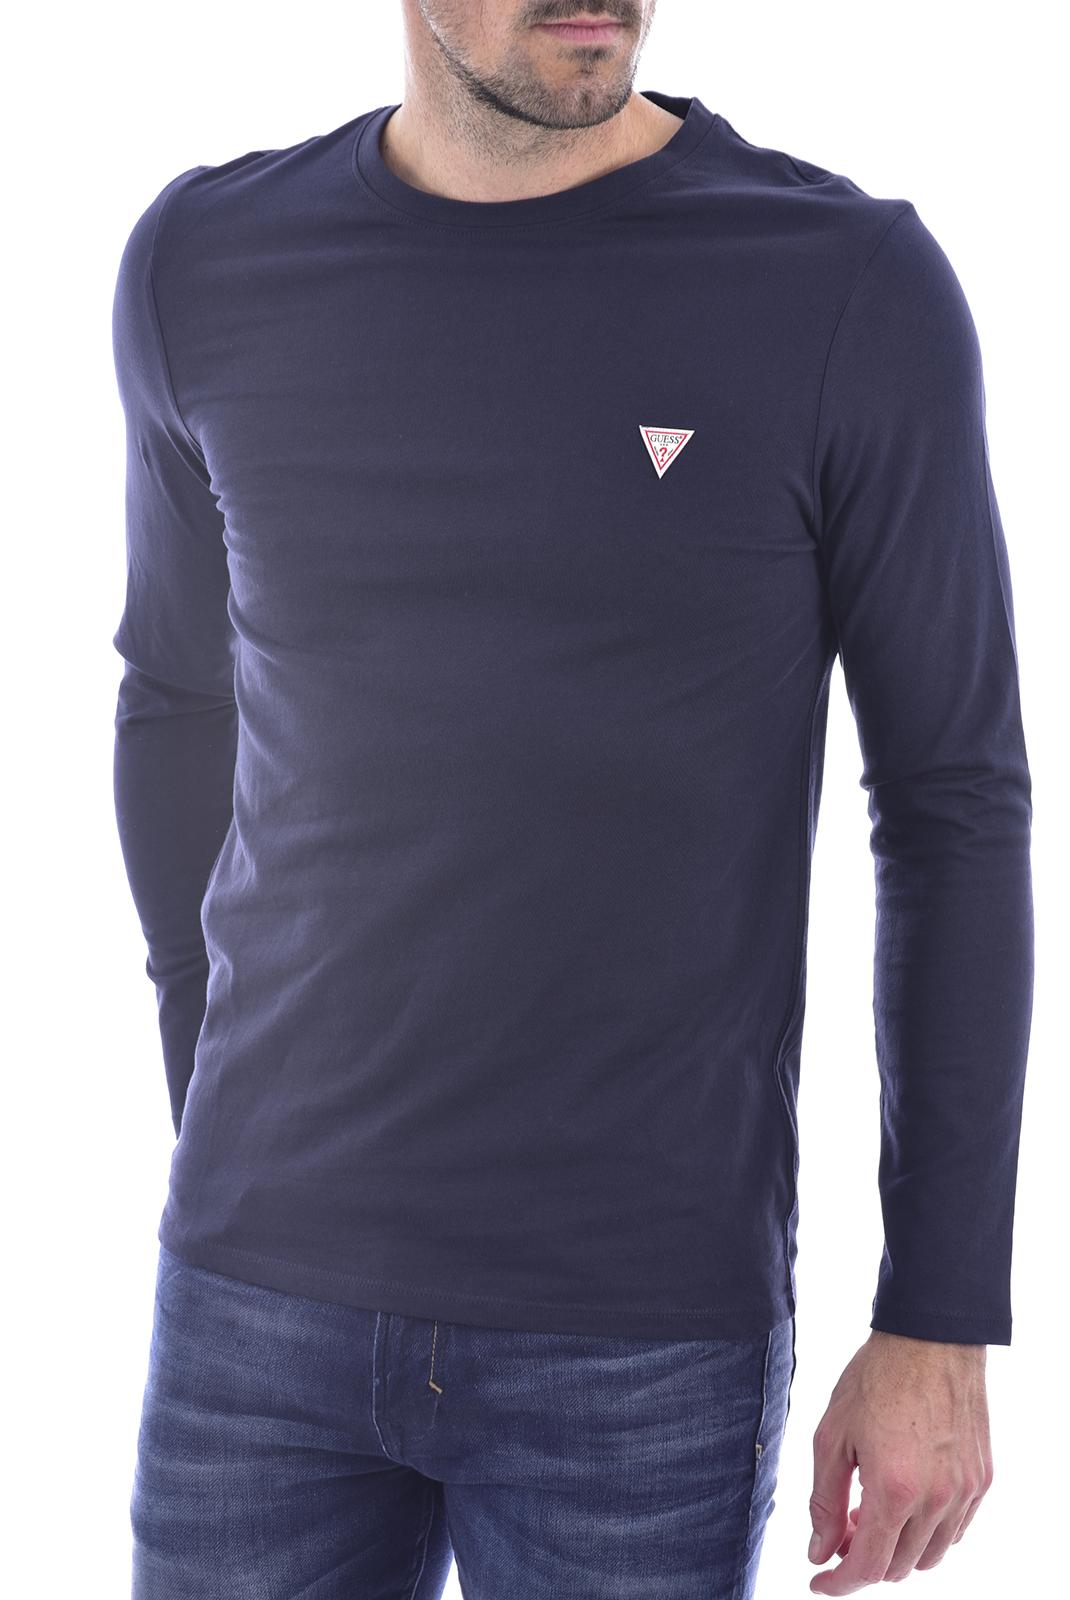 T-SHIRT GIROCOLLO GUESS | T-shirt | M0BI48 I3Z11G720